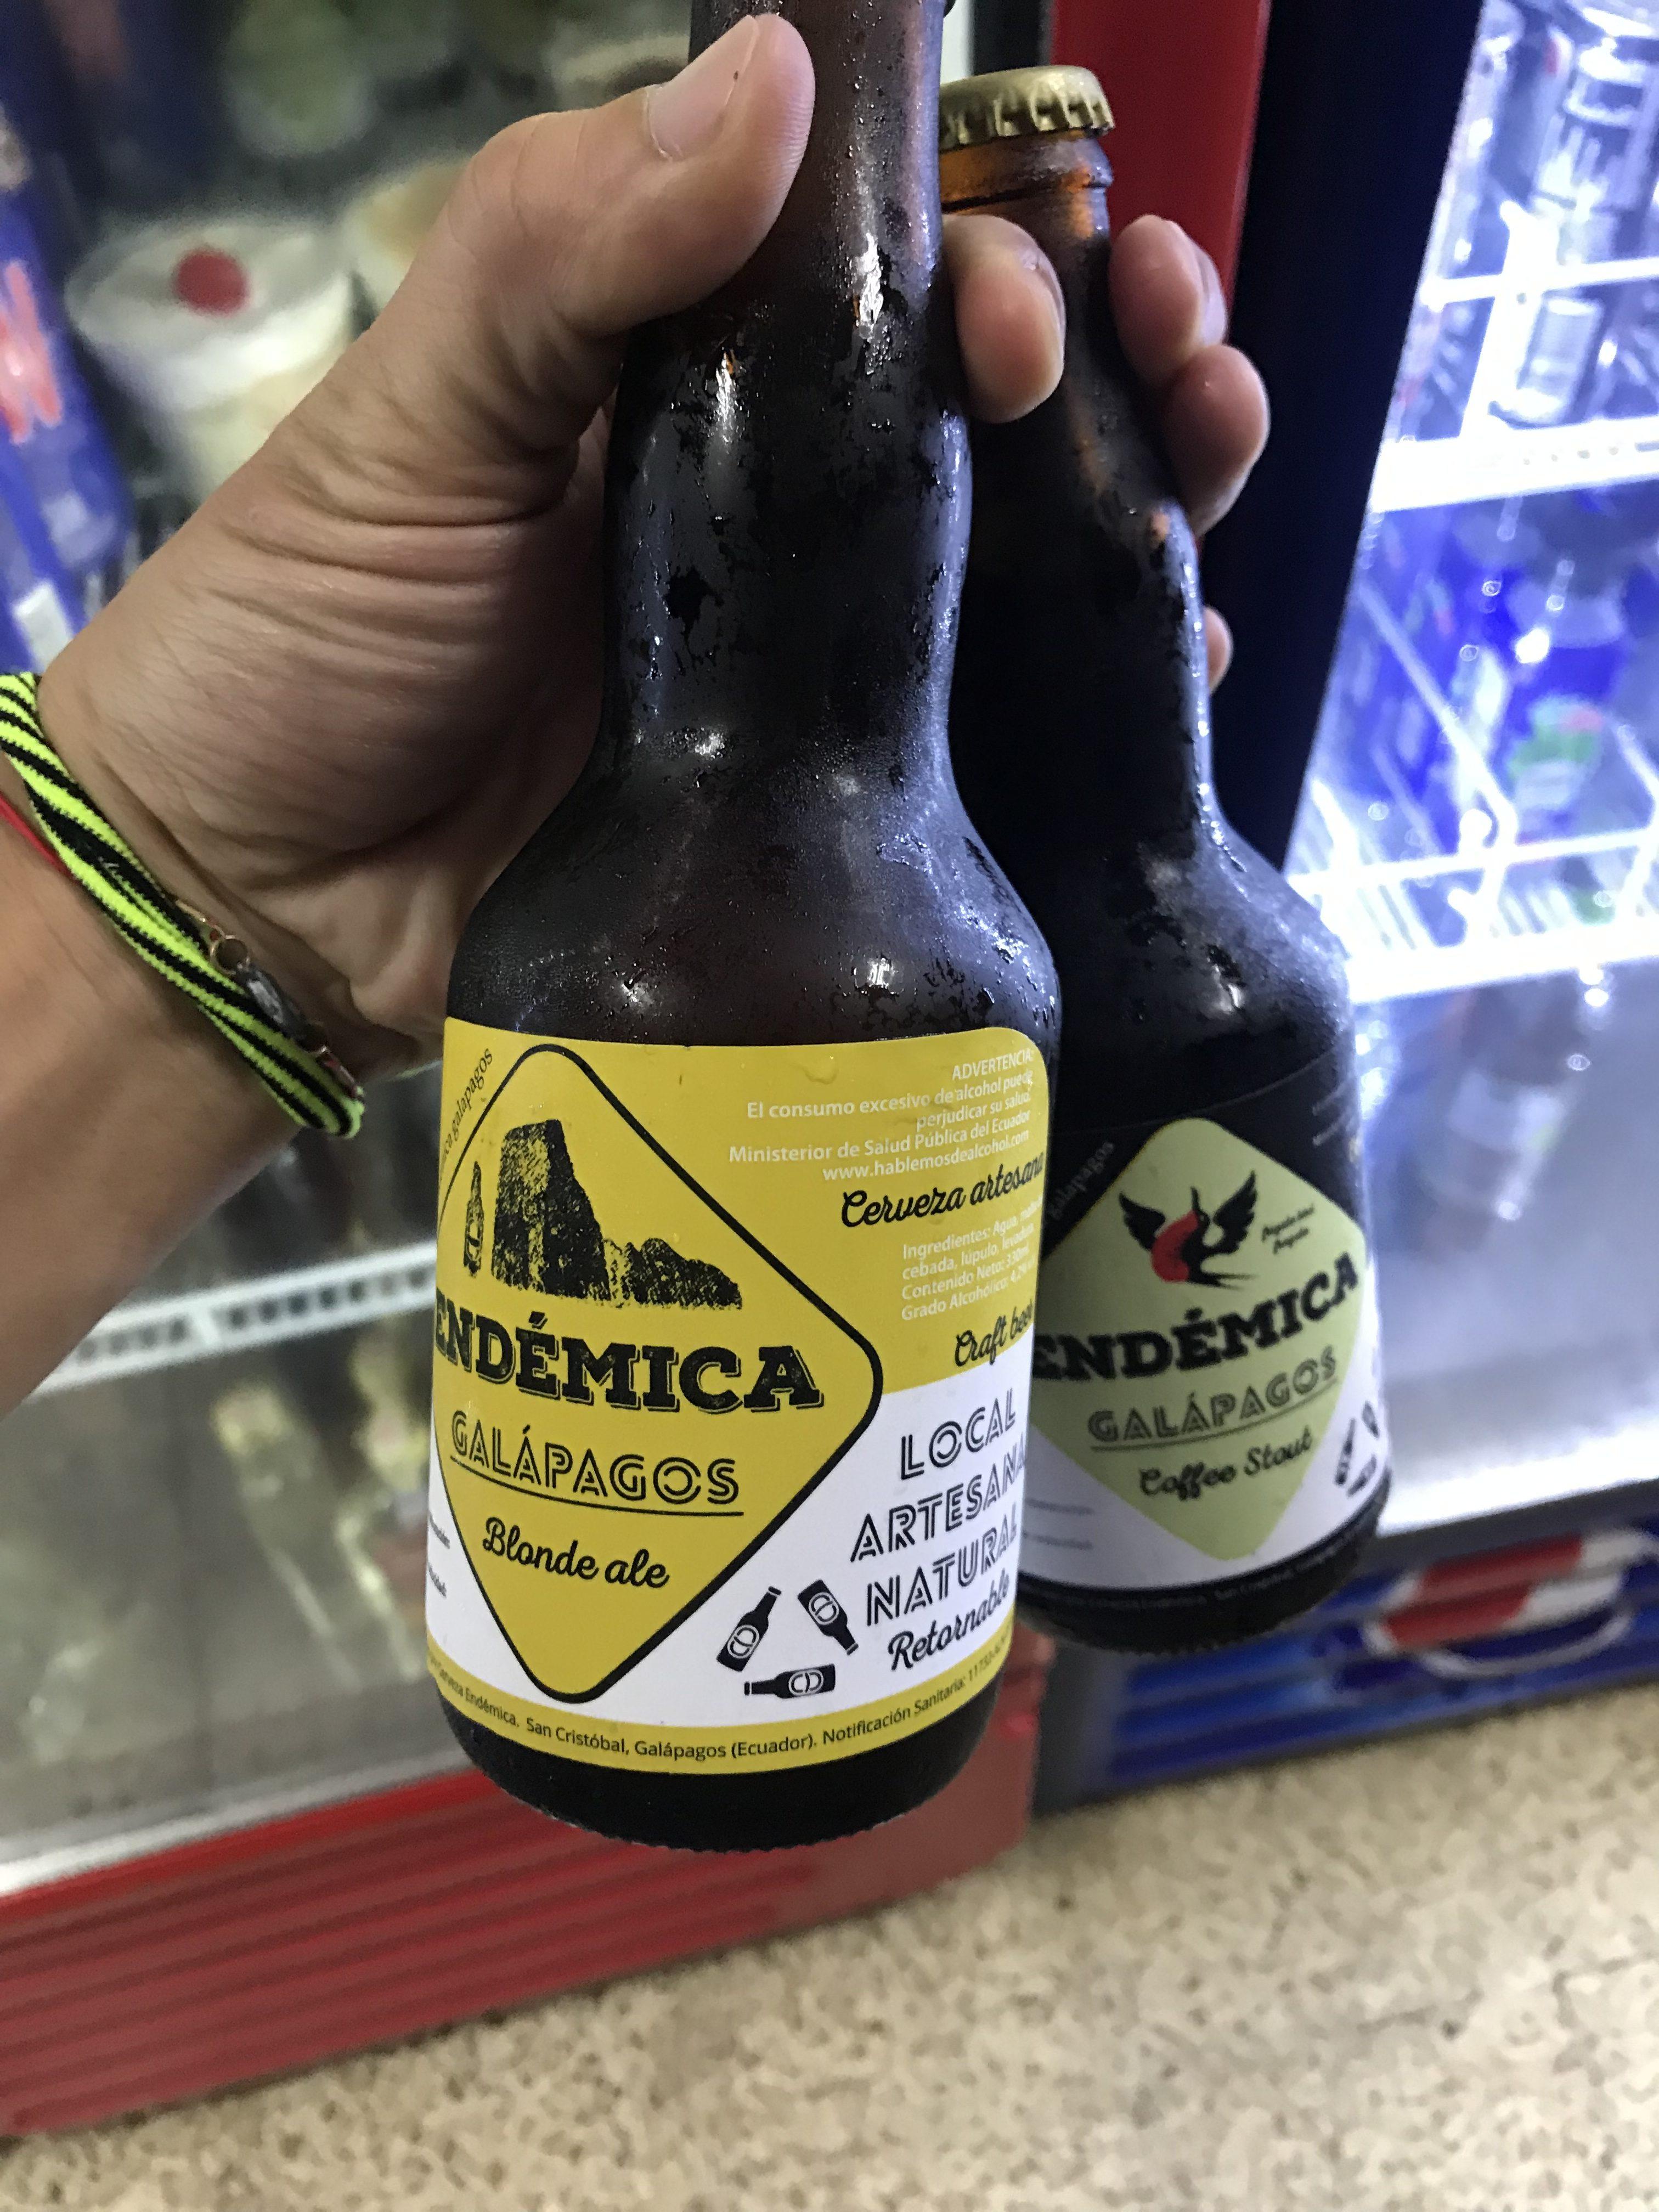 ガラパゴス諸島限定ビール